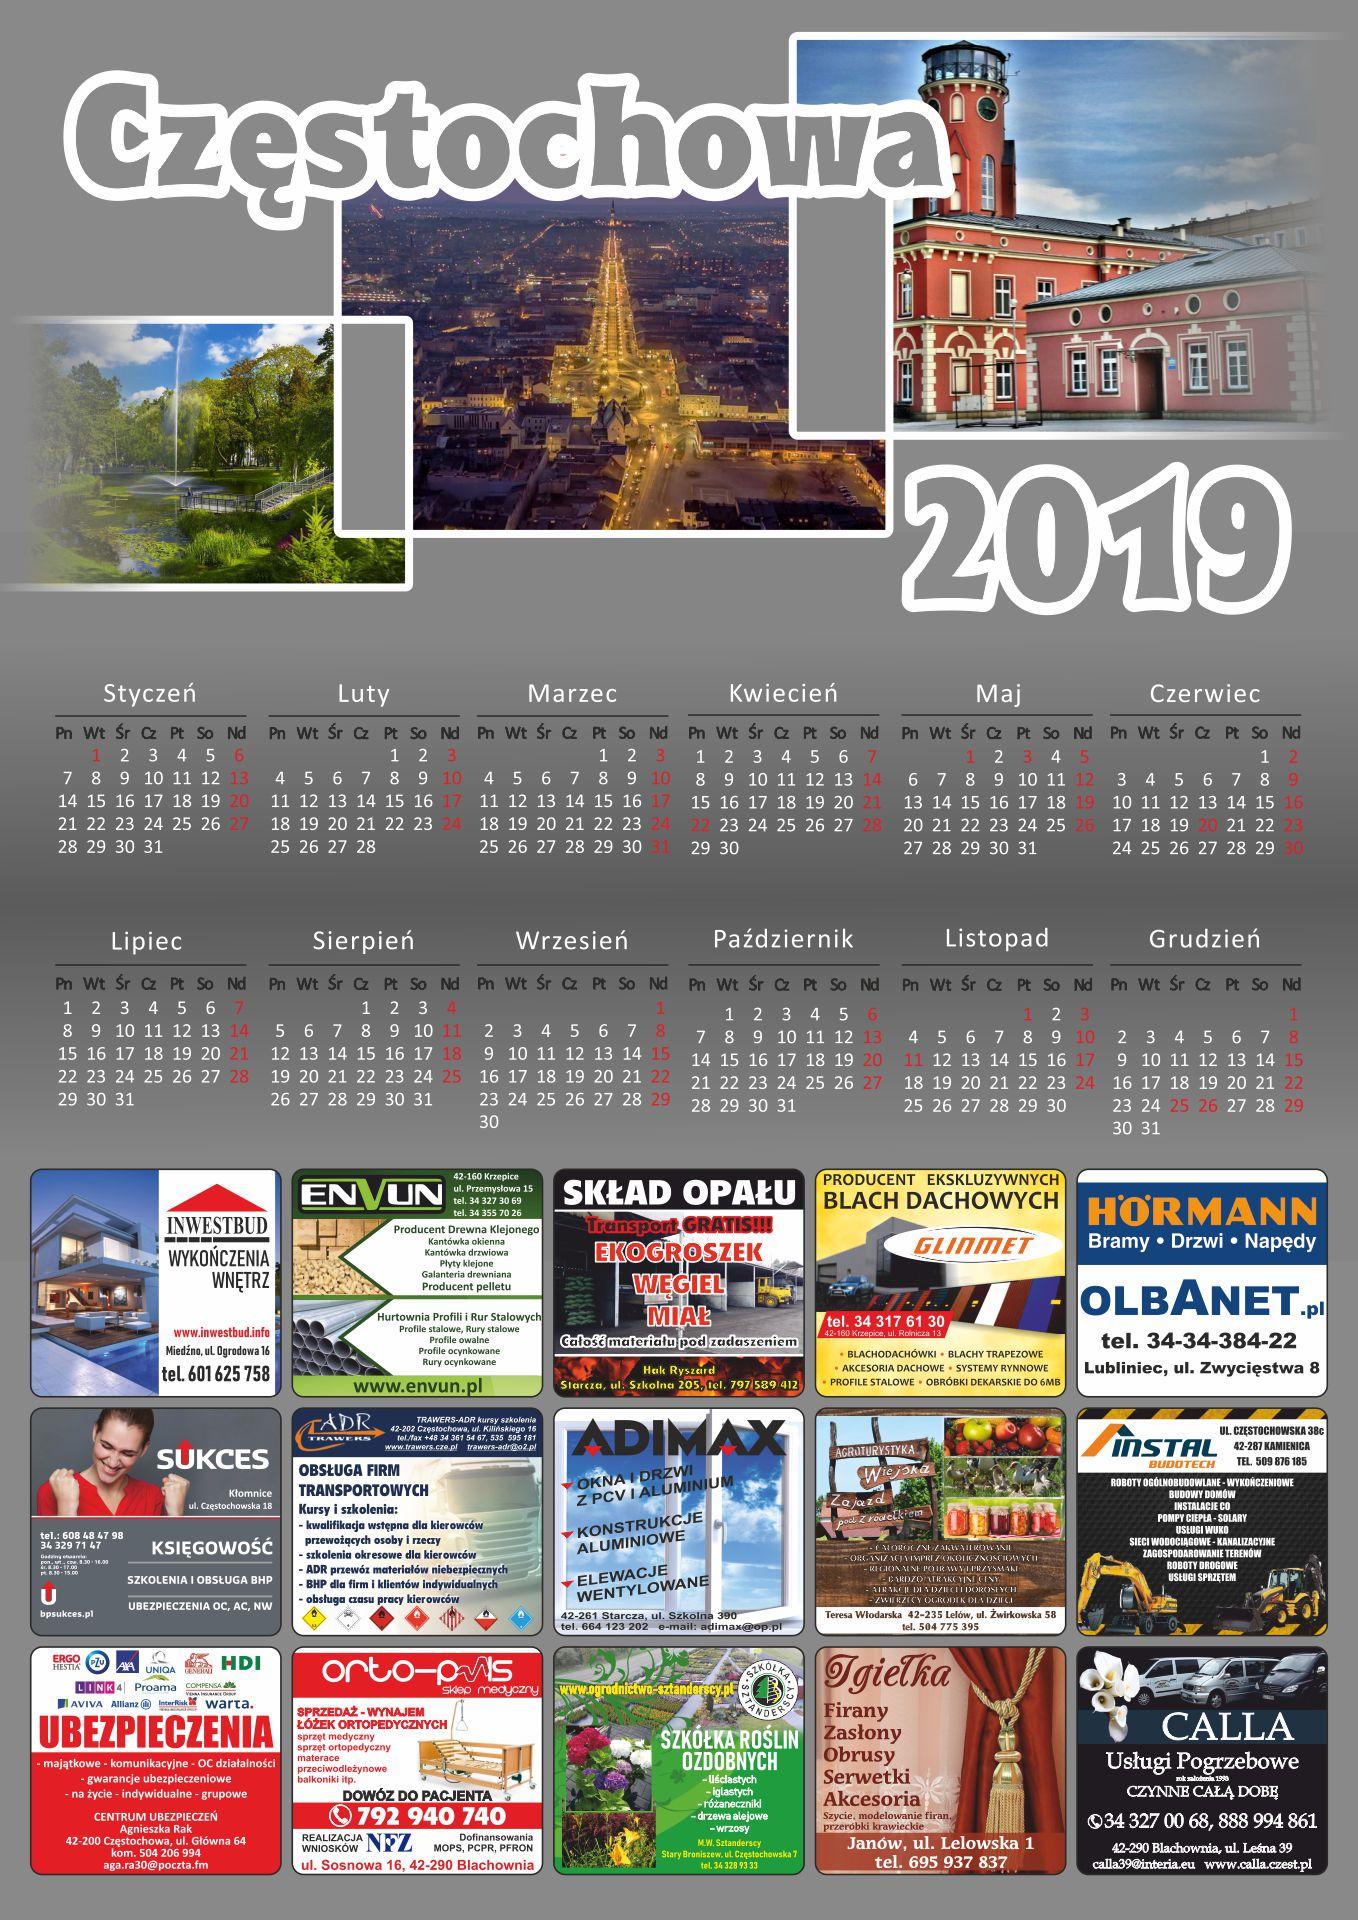 kalendarze - częstochowa 2019